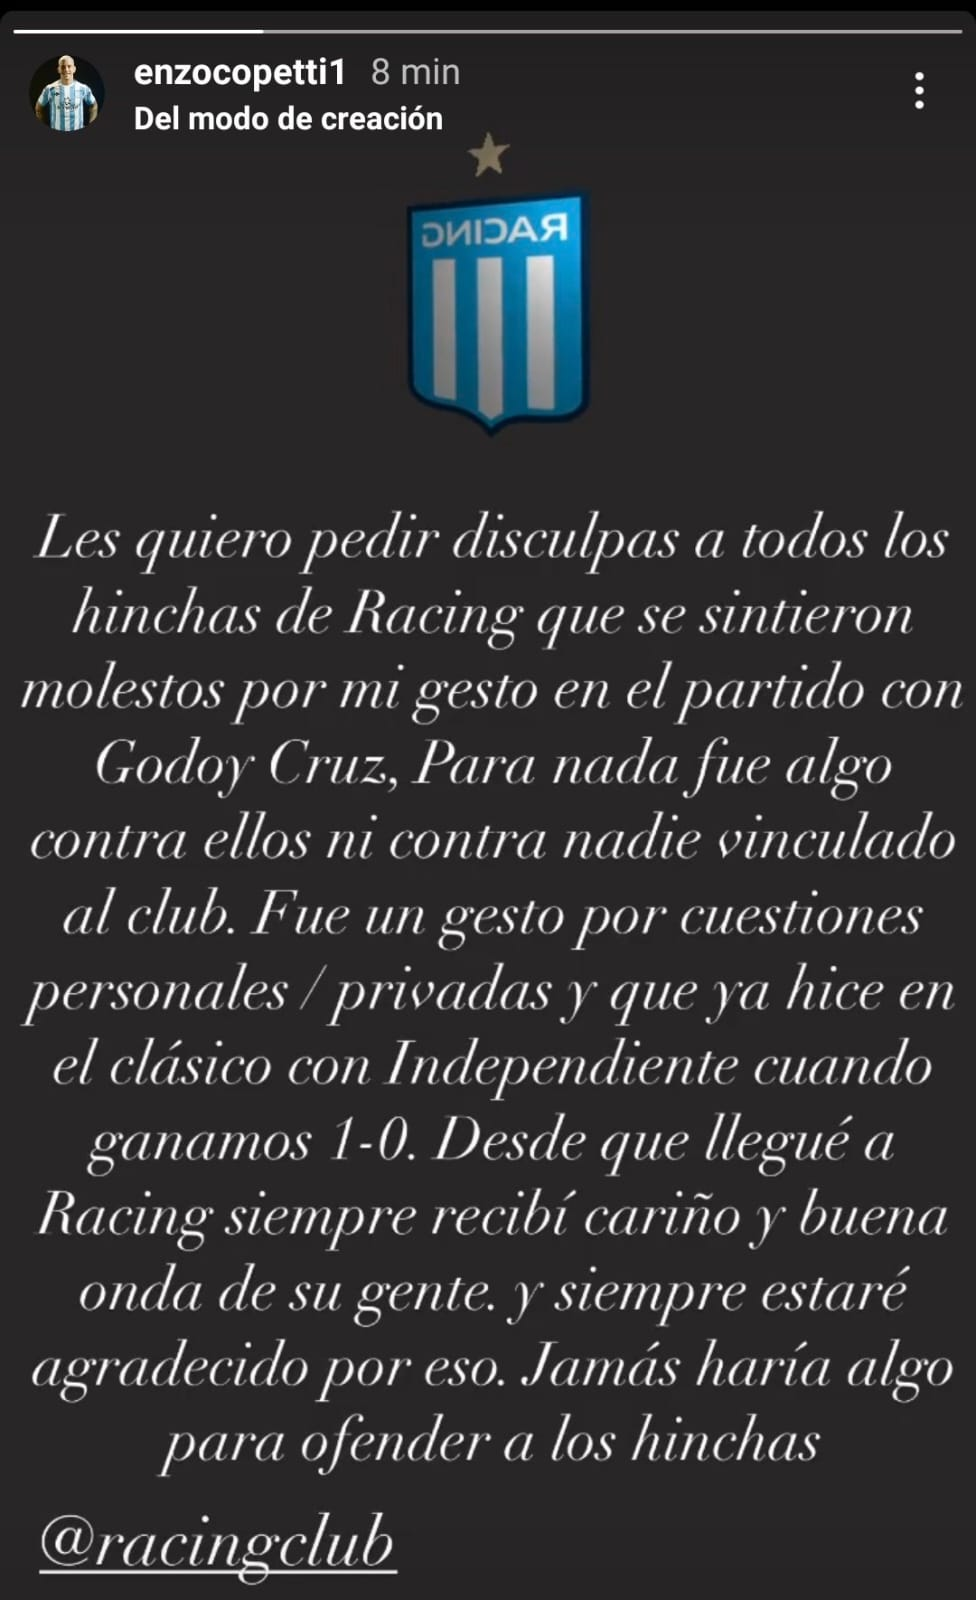 Enzo Copetti Racing Club